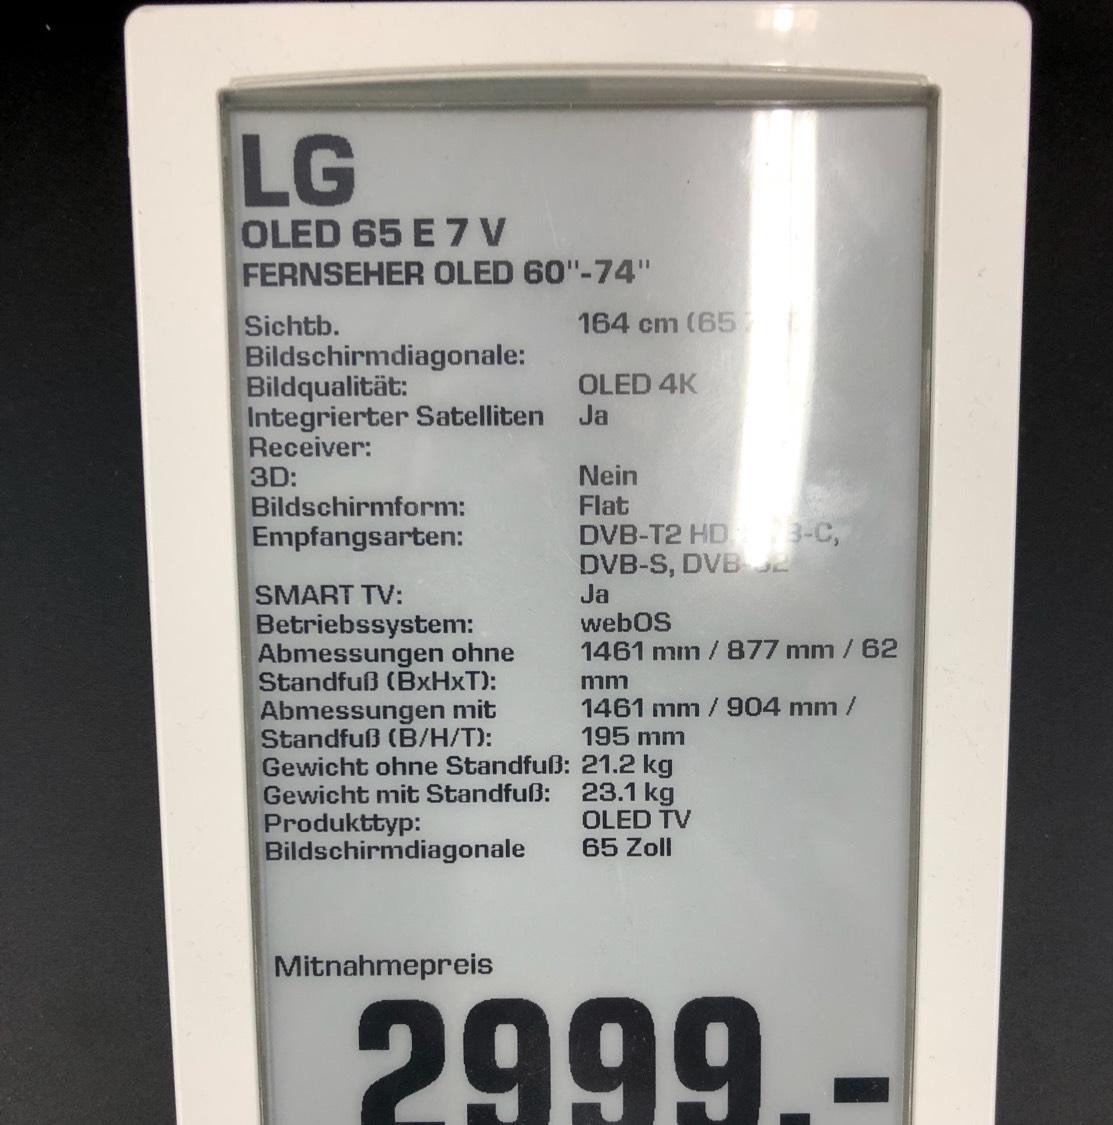 LG OLED 65 E7 V